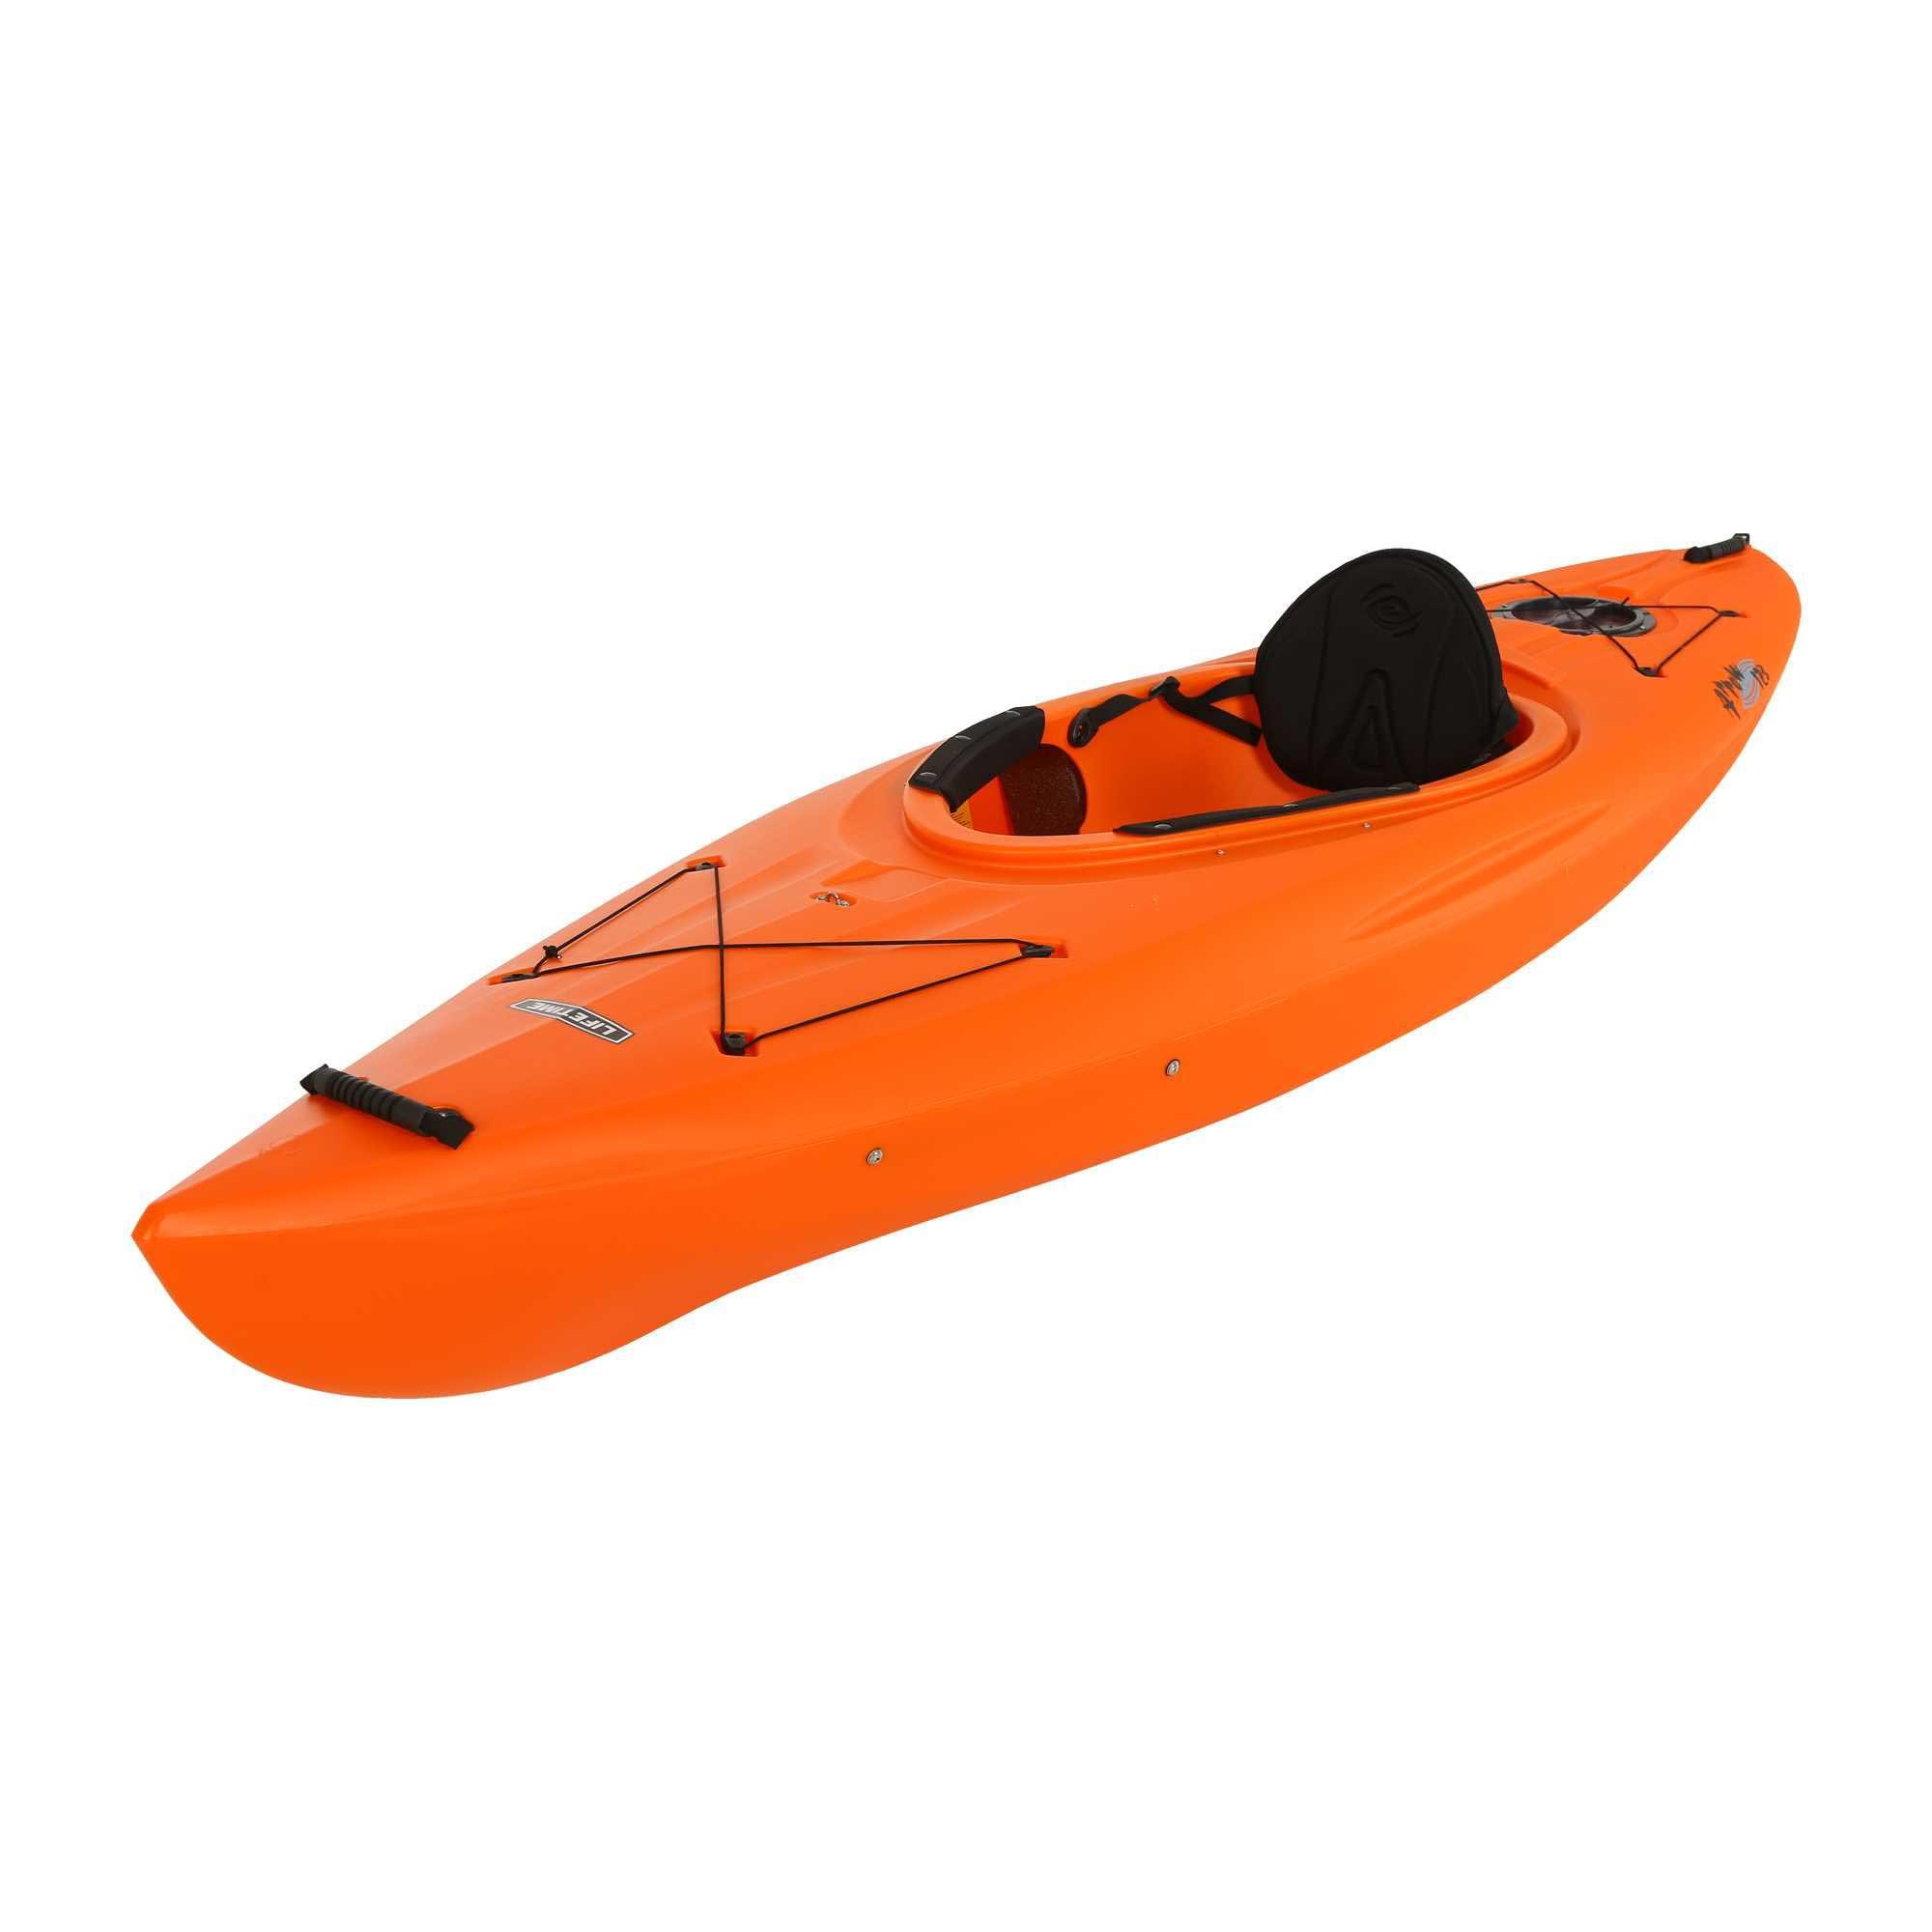 Lifetime 90618 Arrow Kayak Orange On Sale With Fast